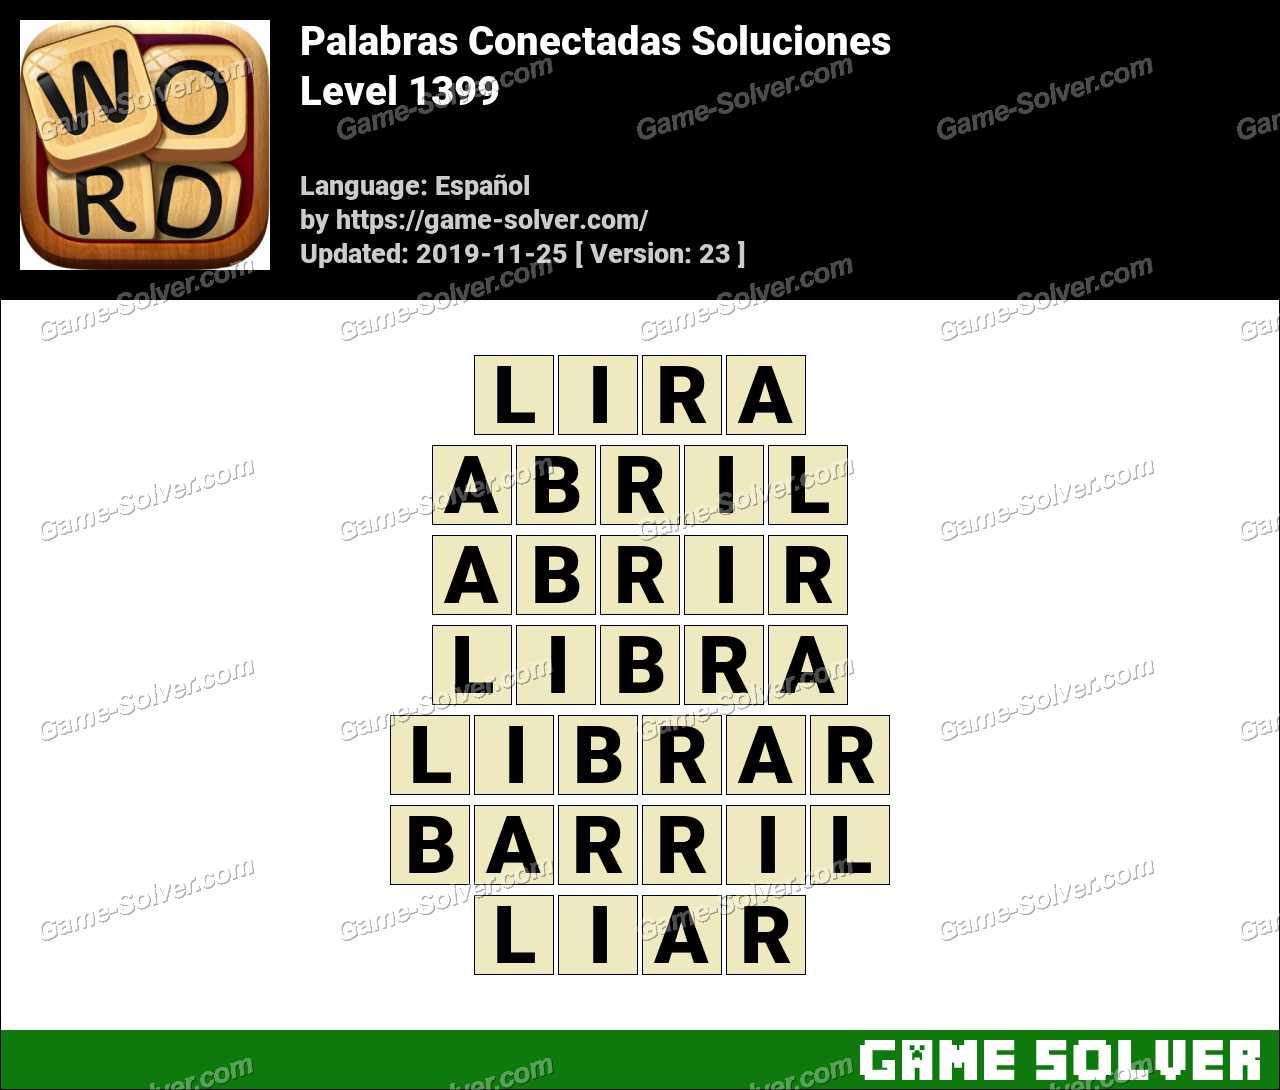 Palabras Conectadas Nivel 1399 Soluciones